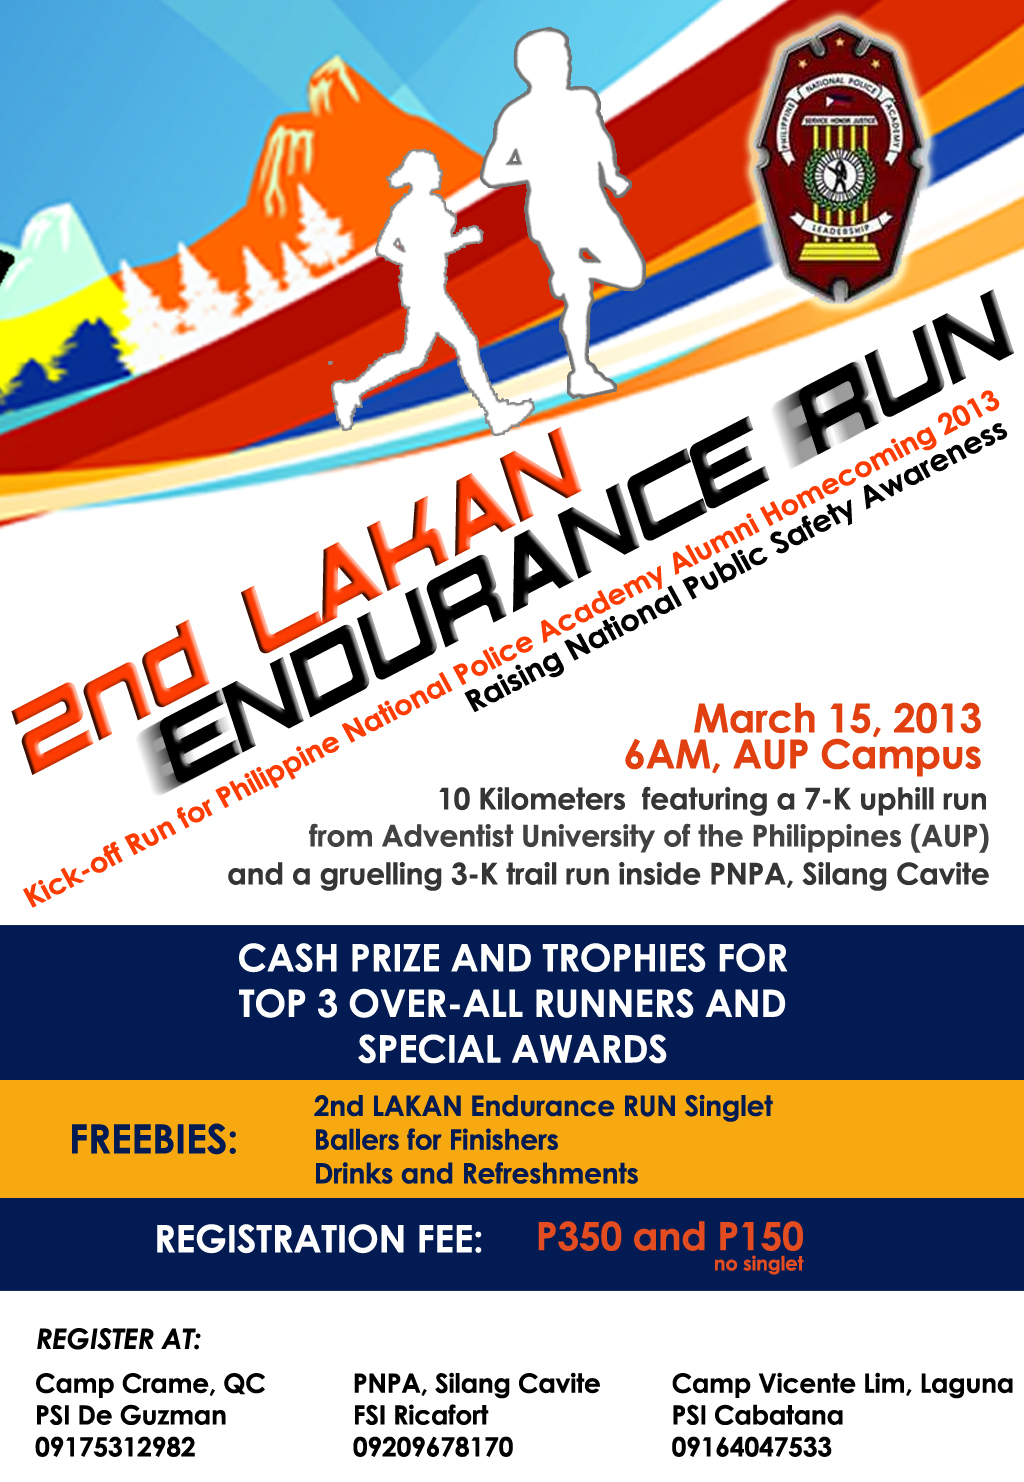 lakan-endurance-run-2013-poster